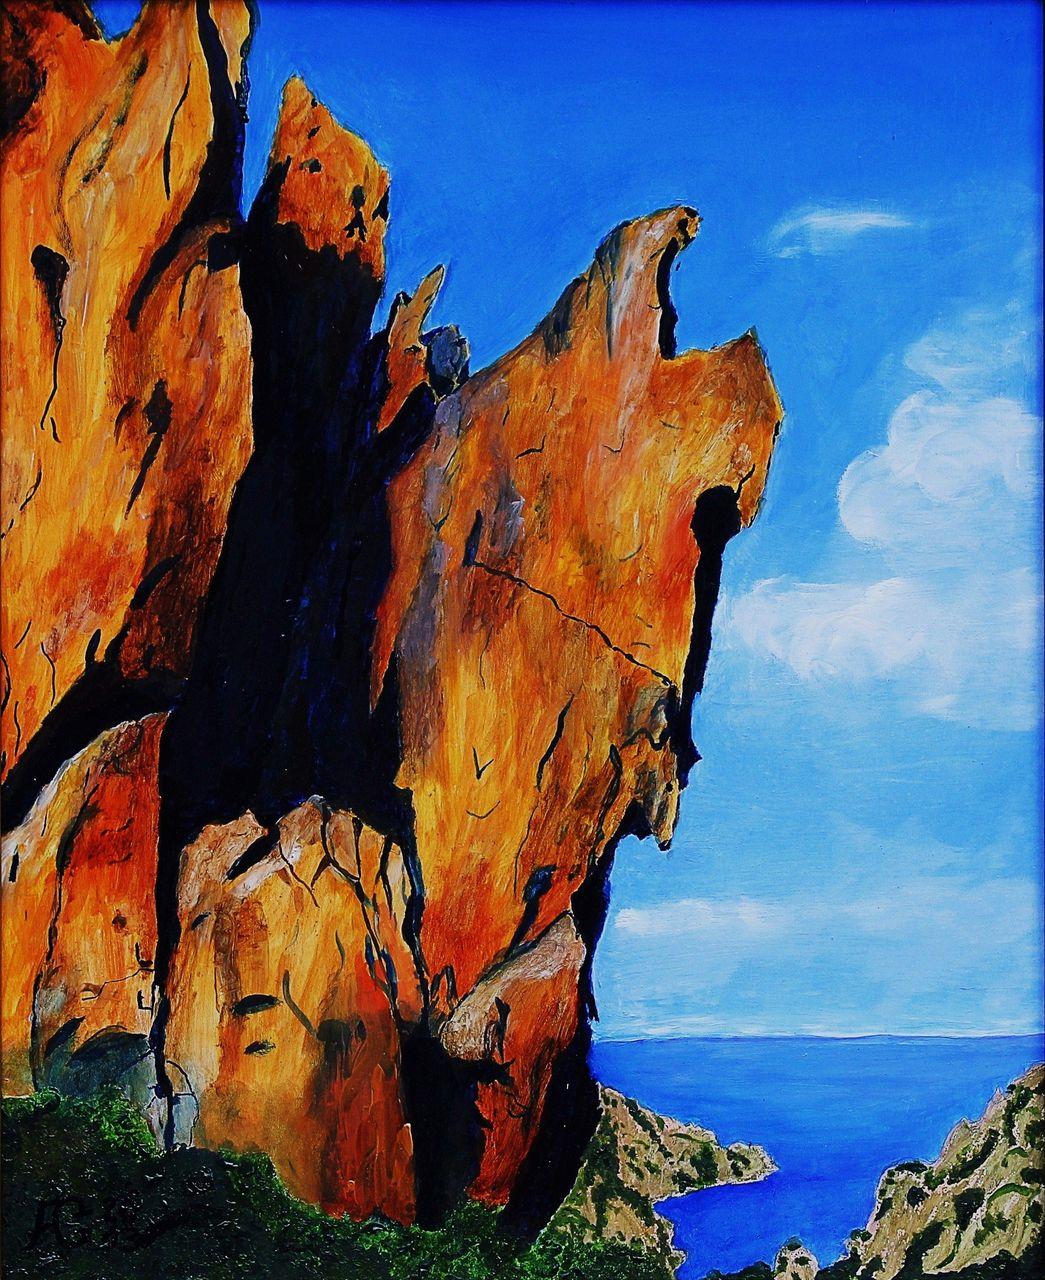 Mobel Frankreich Malerei : Bild frankreich korsika felsen malerei landschaften von